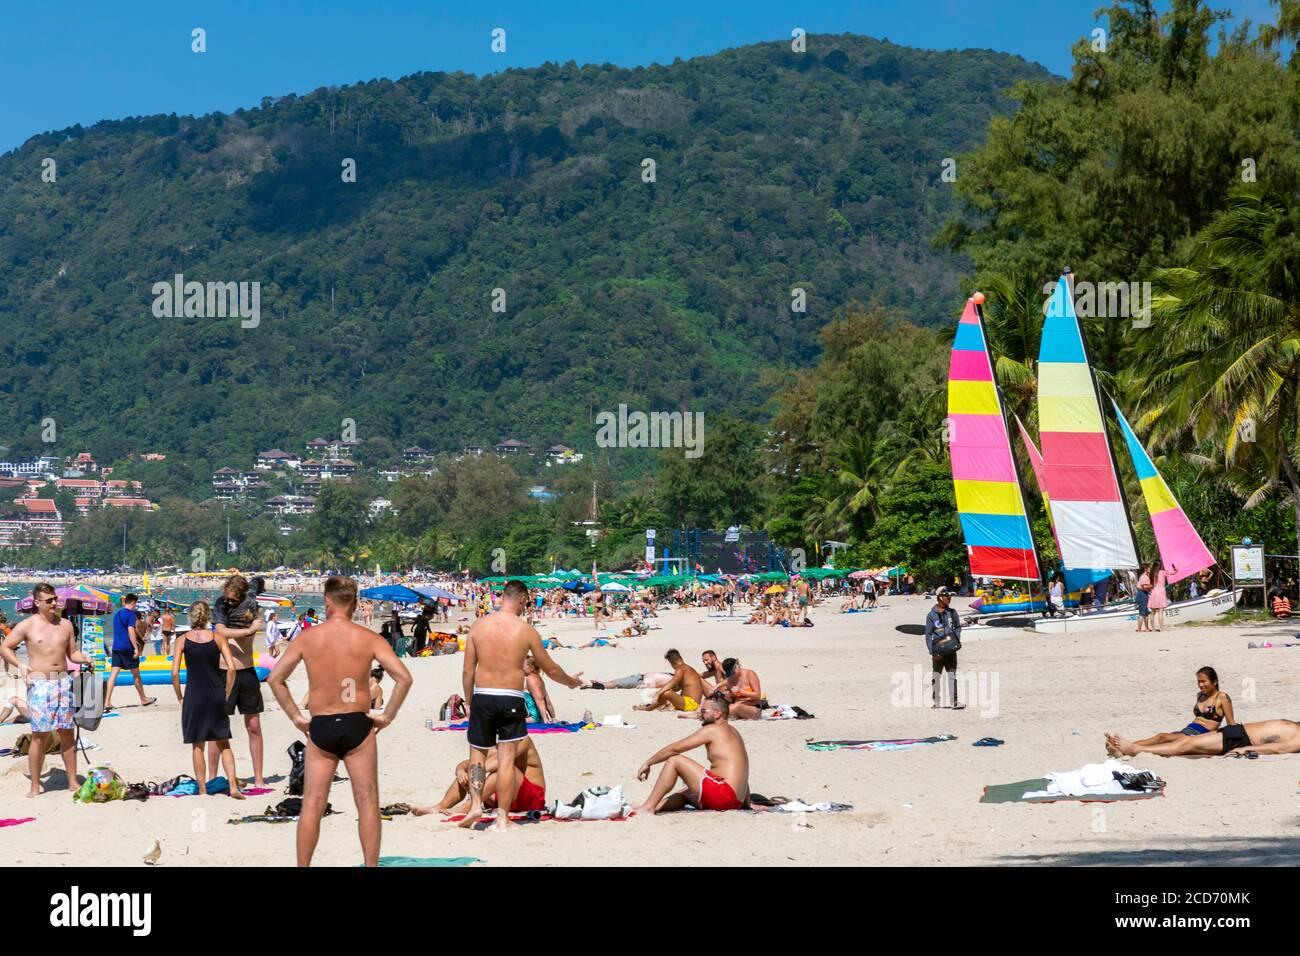 Turisti sulla spiaggia di Patong, Phuket, Thailandia Foto Stock